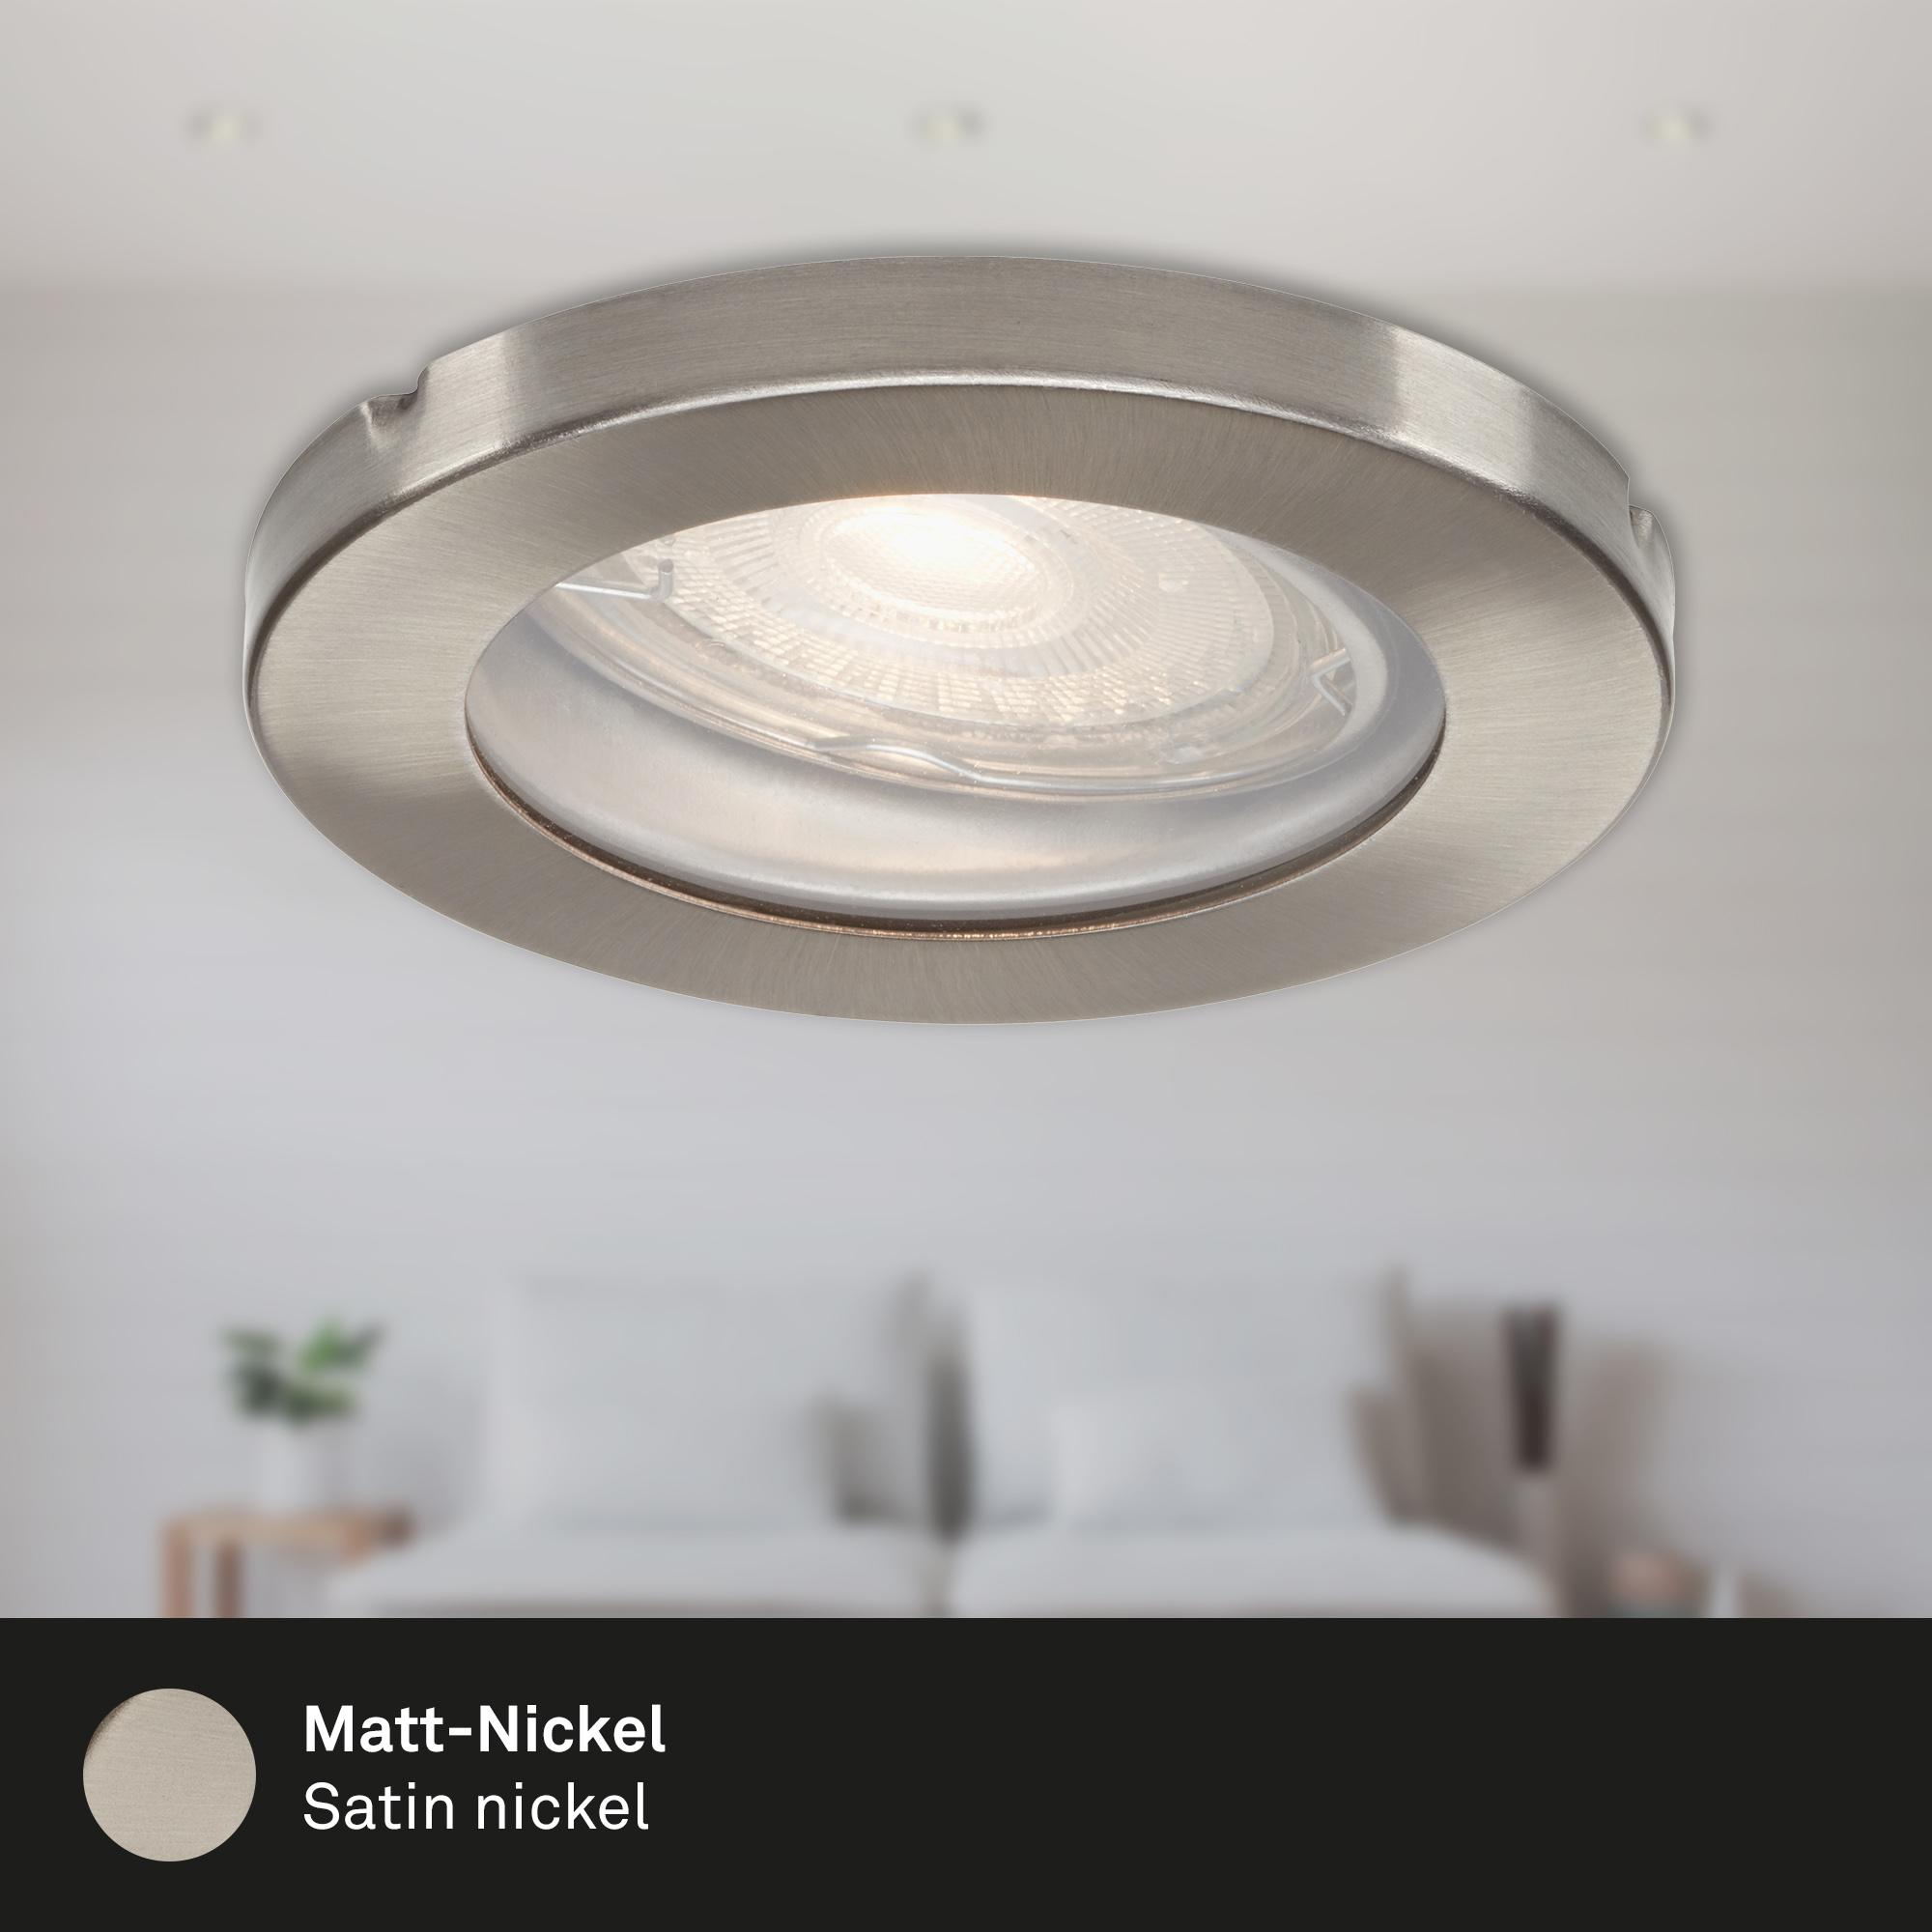 3er Set LED Einbauleuchte, Ø 8,5 cm, 5 W, Matt-Nickel